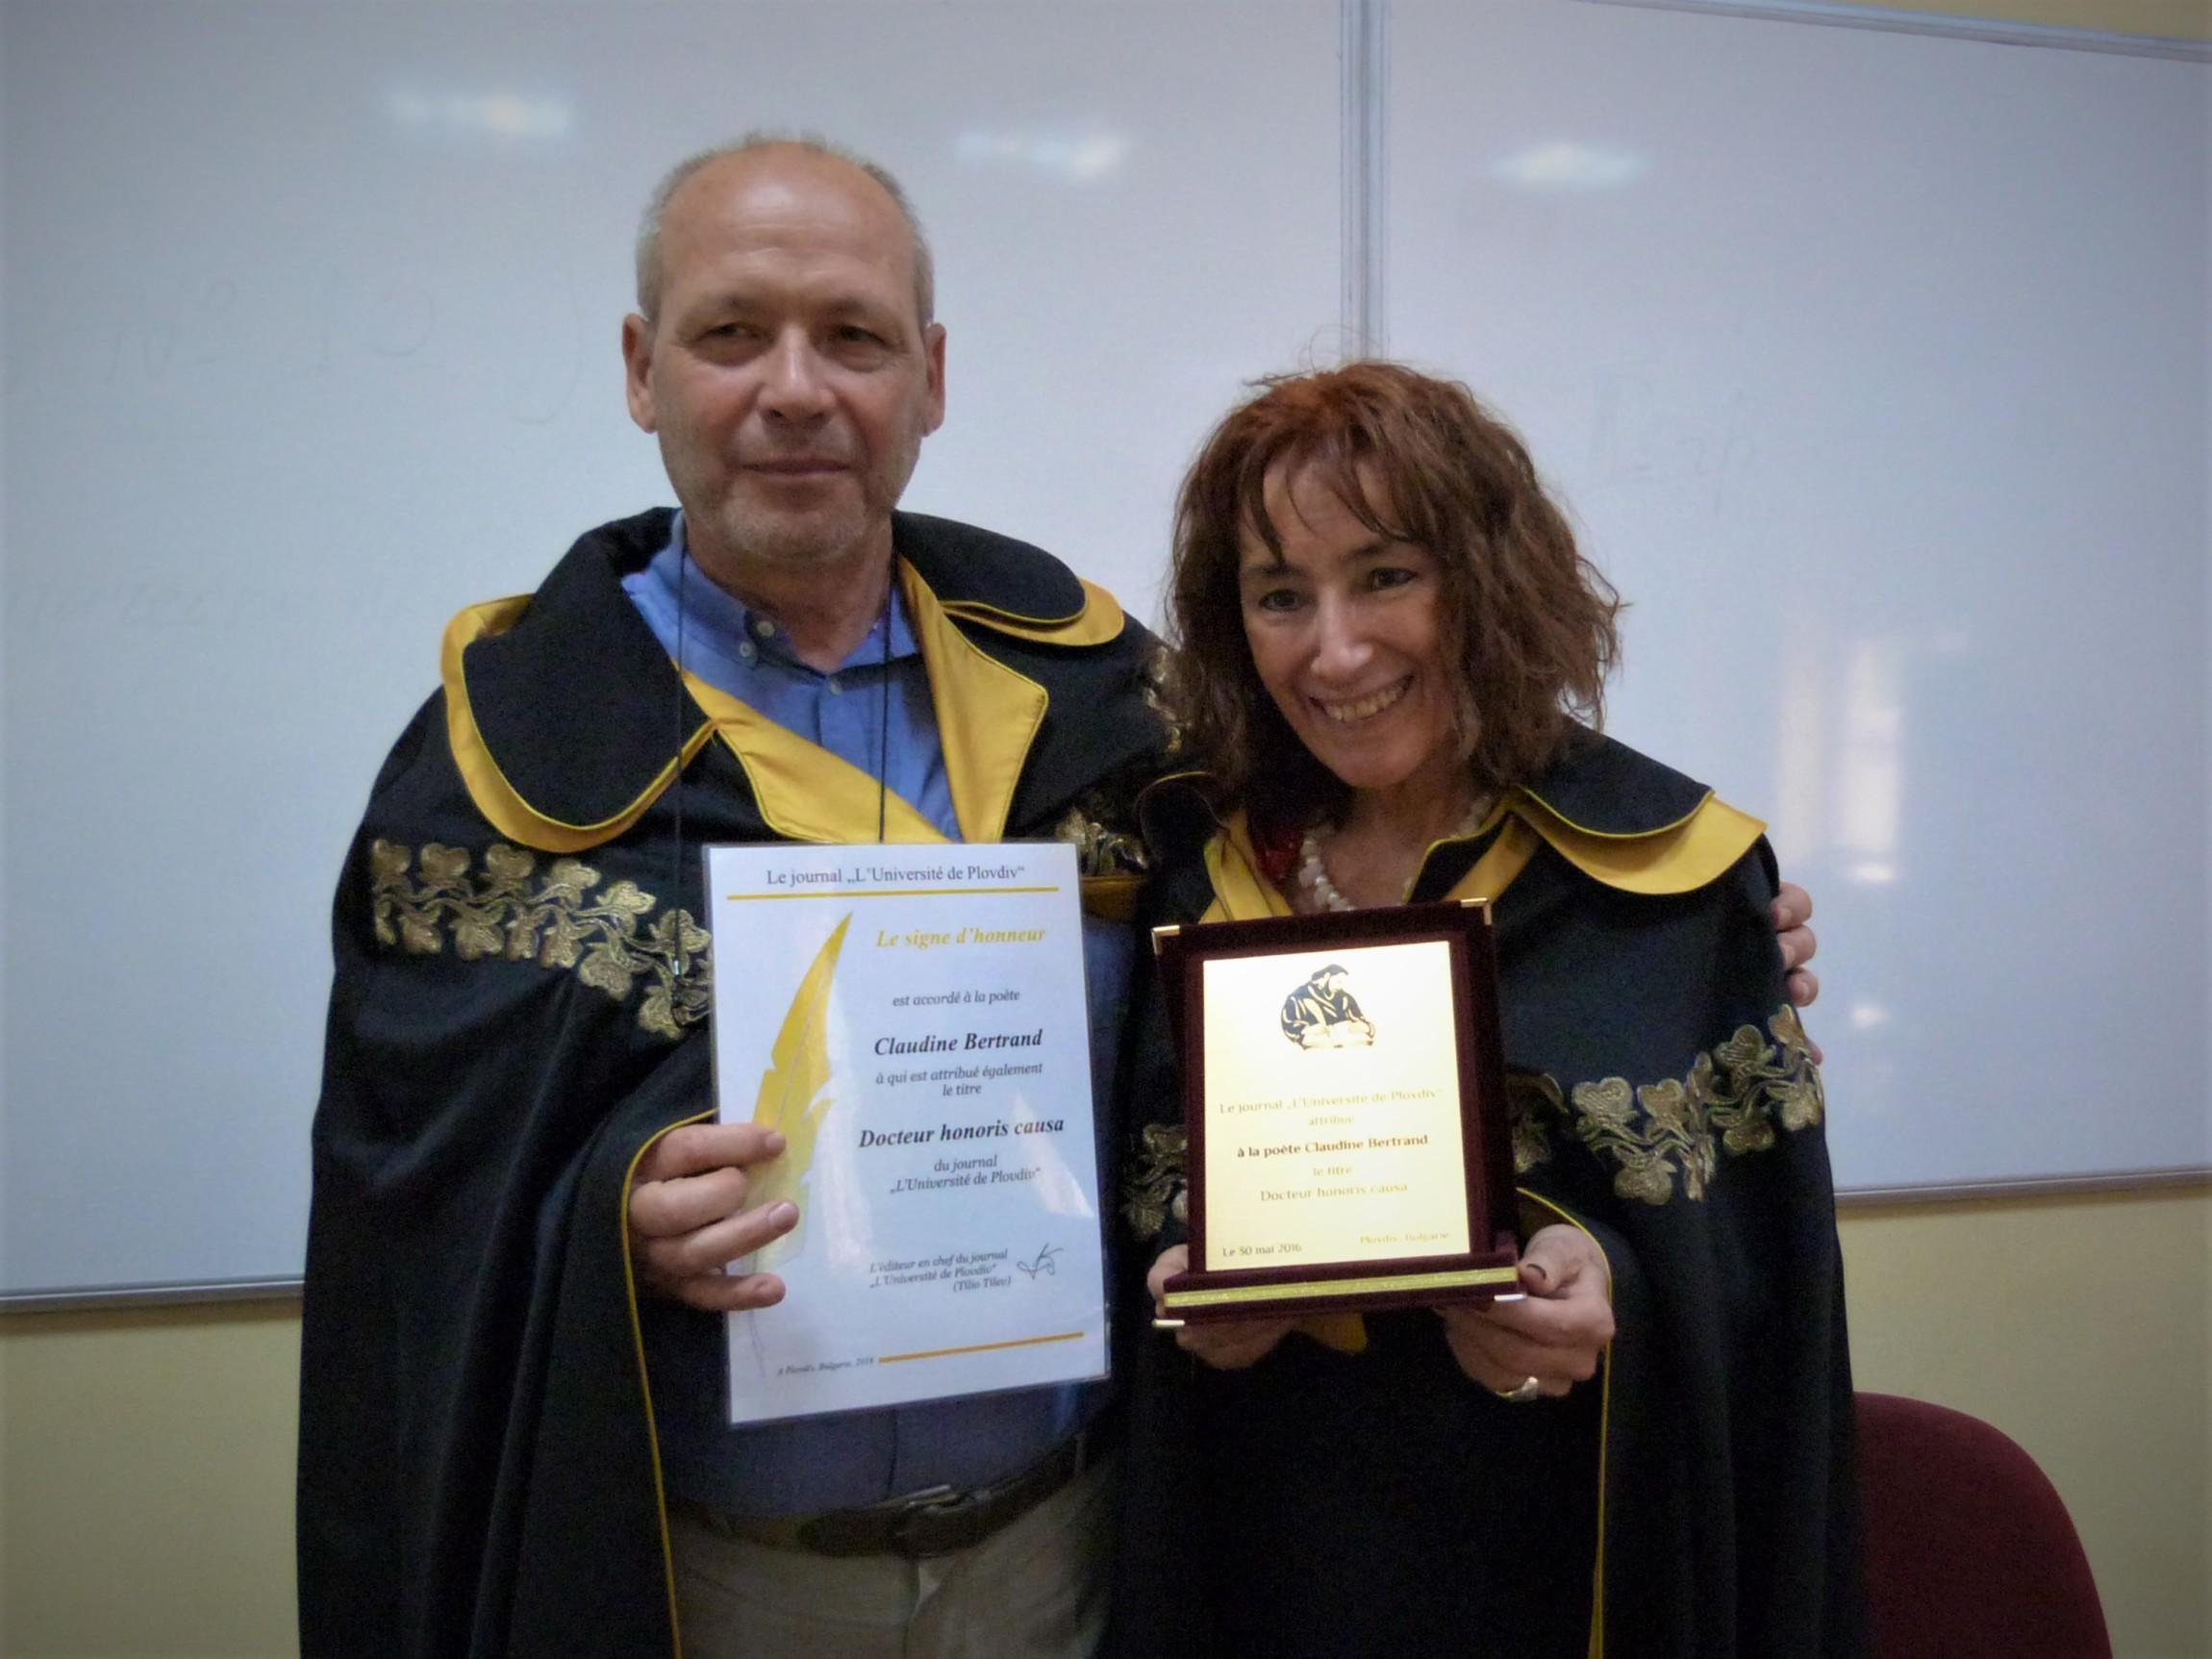 S_kanadaskata_poetesa_Klodin_Bertran_-_doktor_honoris_kauza_na_vestnik_Plovdivski_universitet